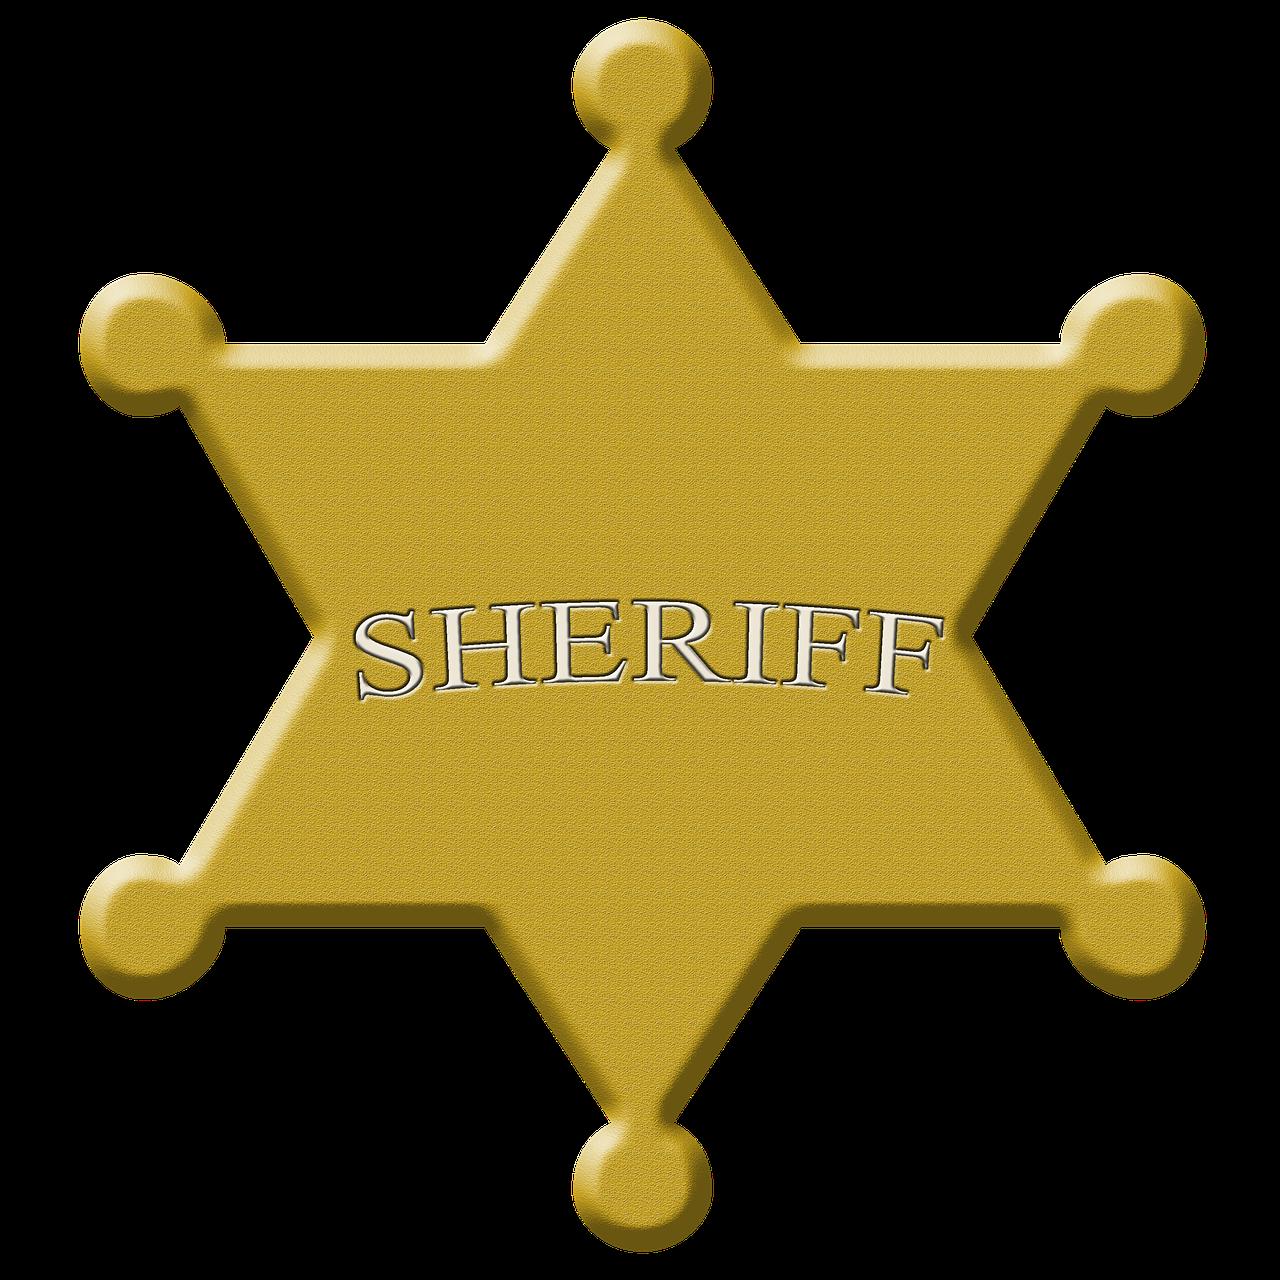 Звезда шерифа в картинках